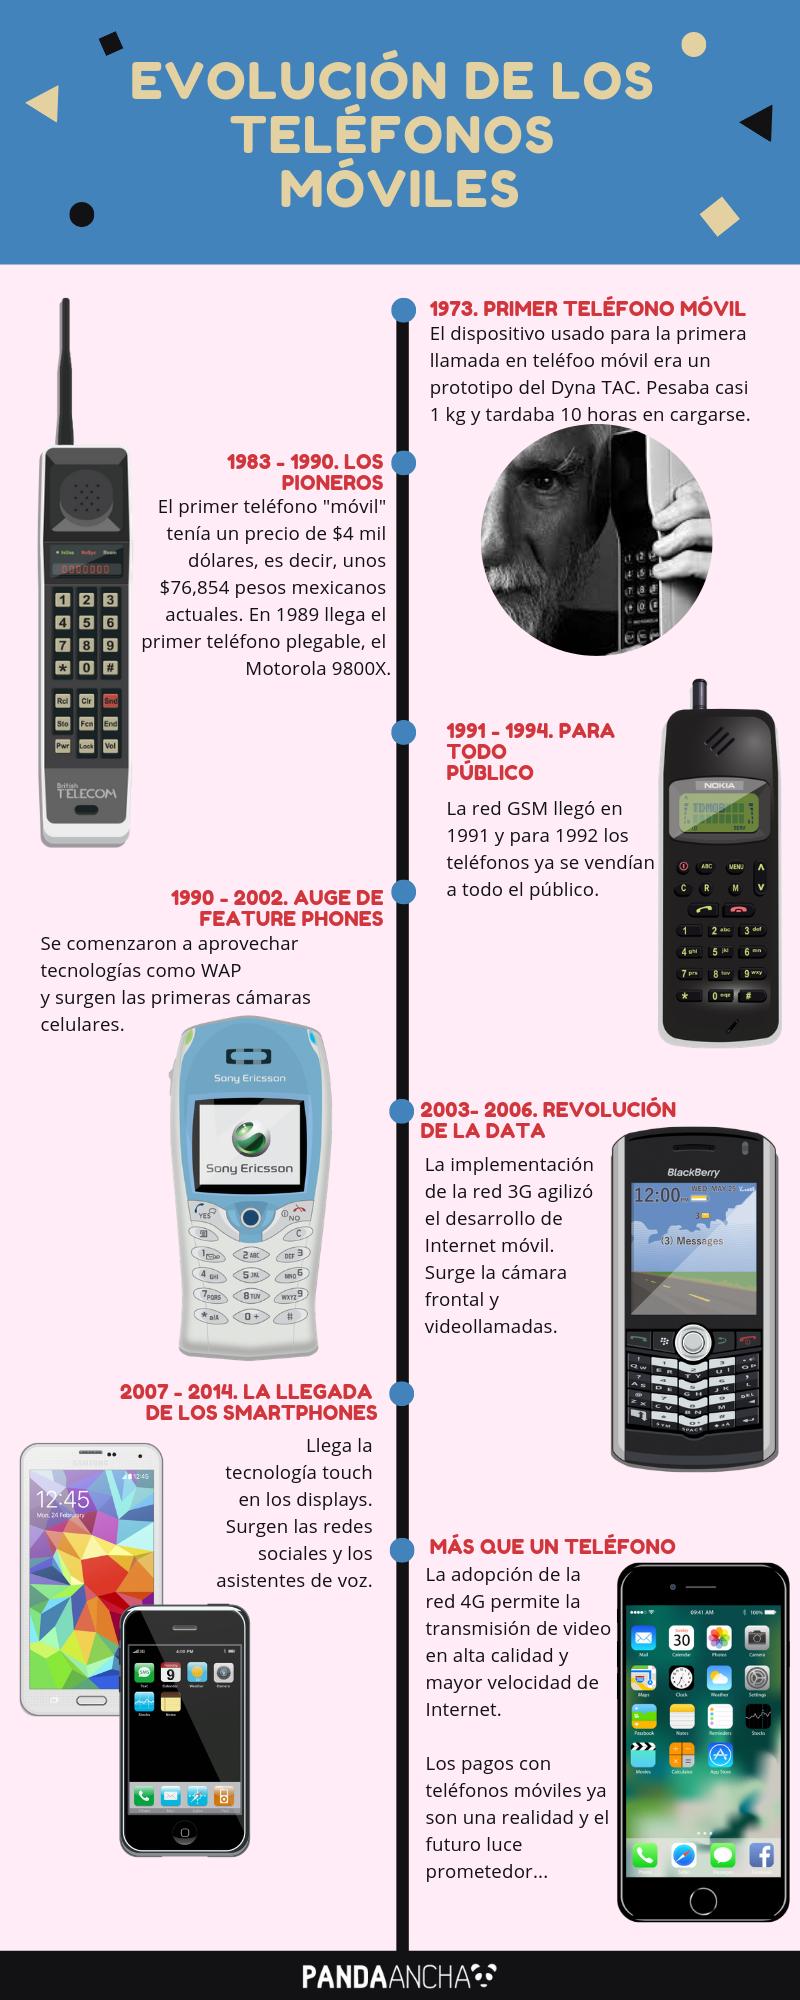 ¿Cómo han evolucionado los teléfonos móviles?